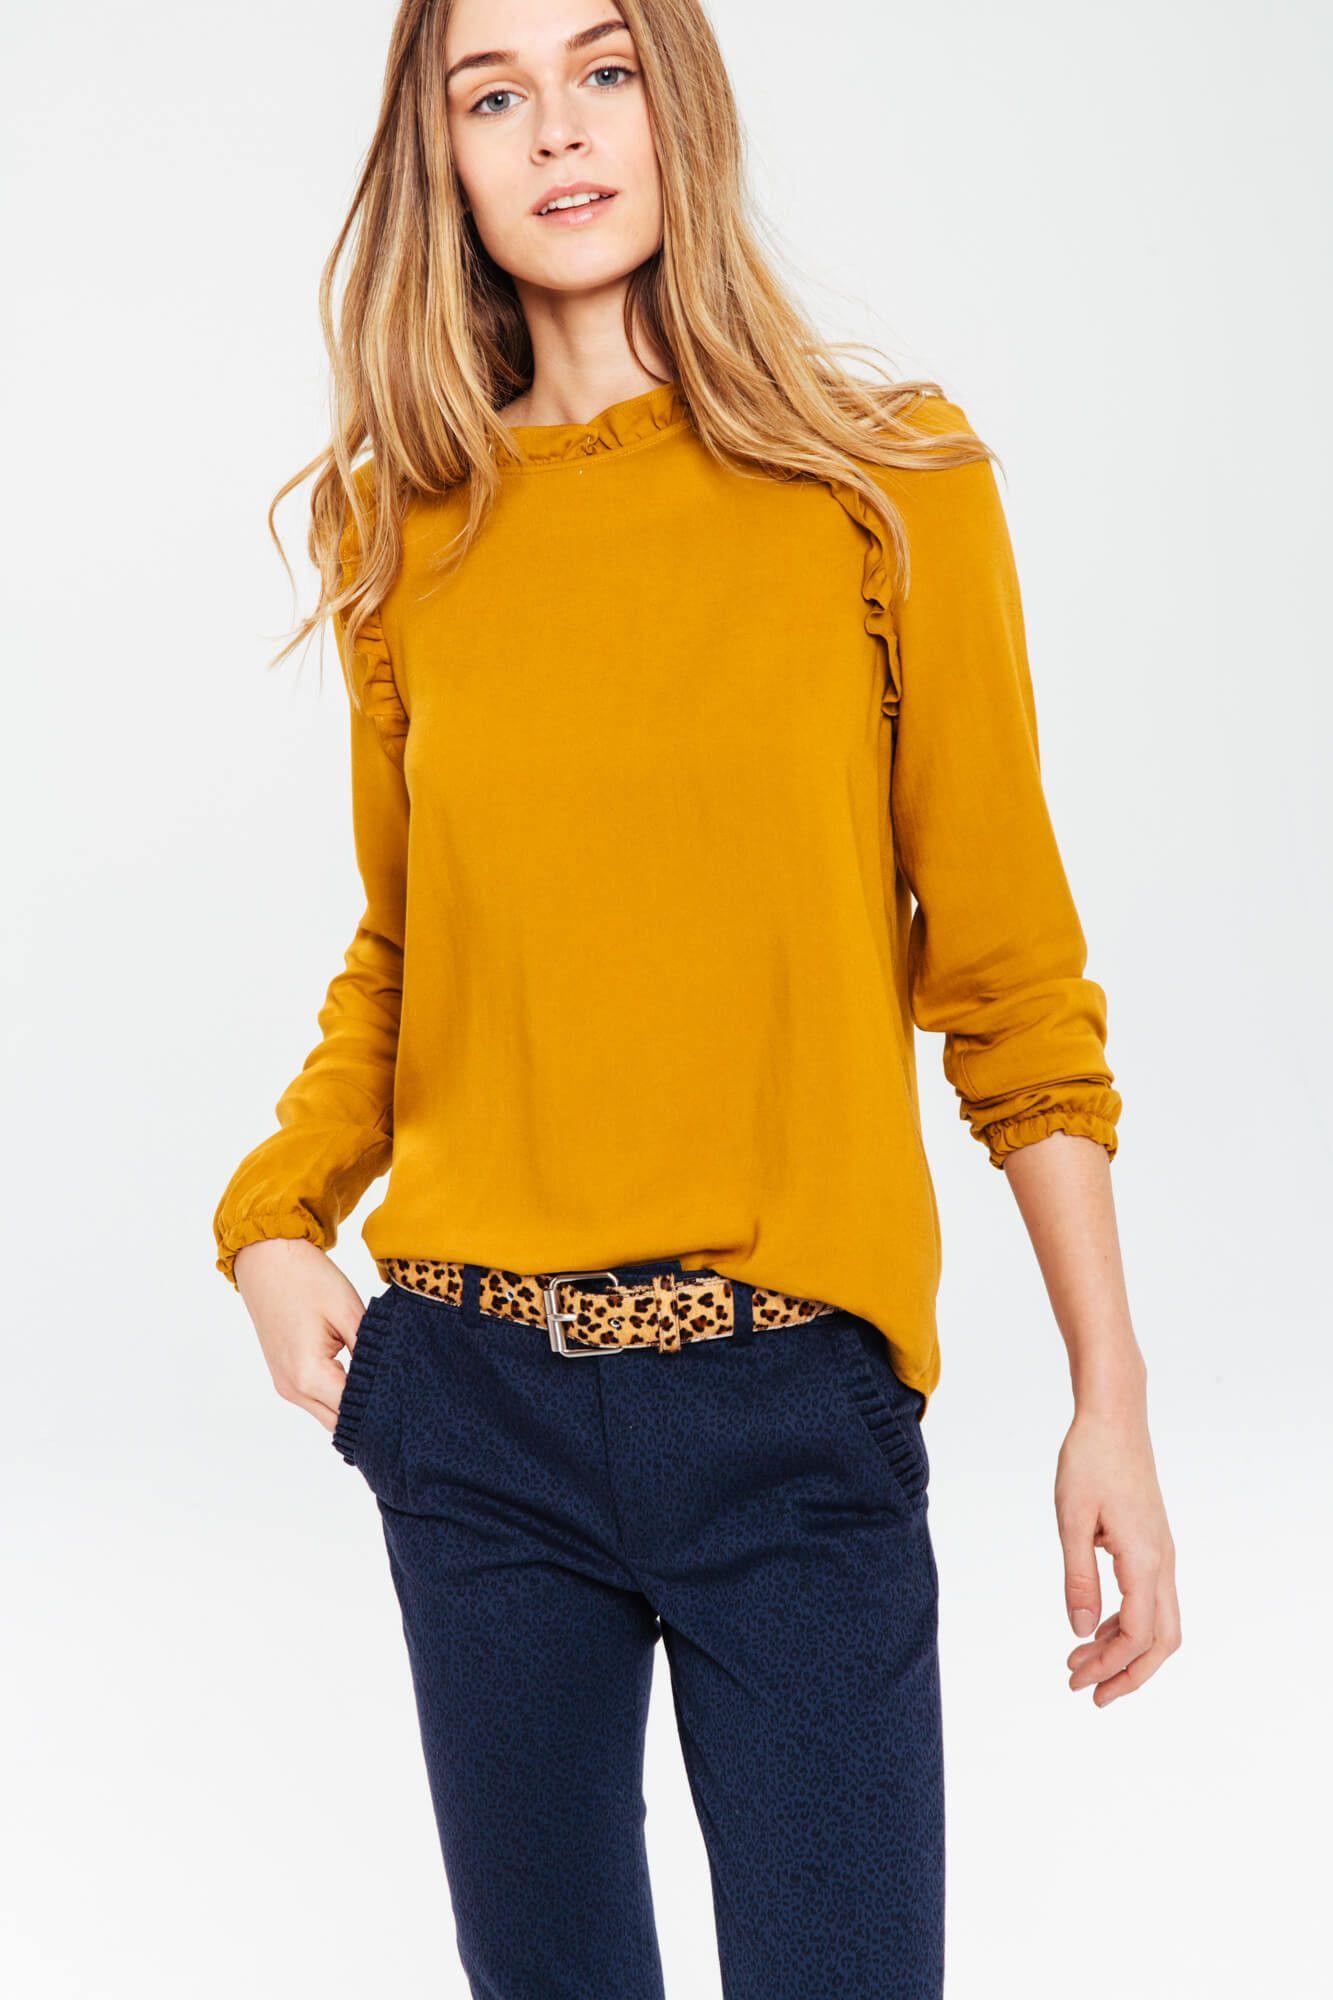 blouse femme moutarde a volant mode t pinterest blouse femme moutarde et blouse. Black Bedroom Furniture Sets. Home Design Ideas